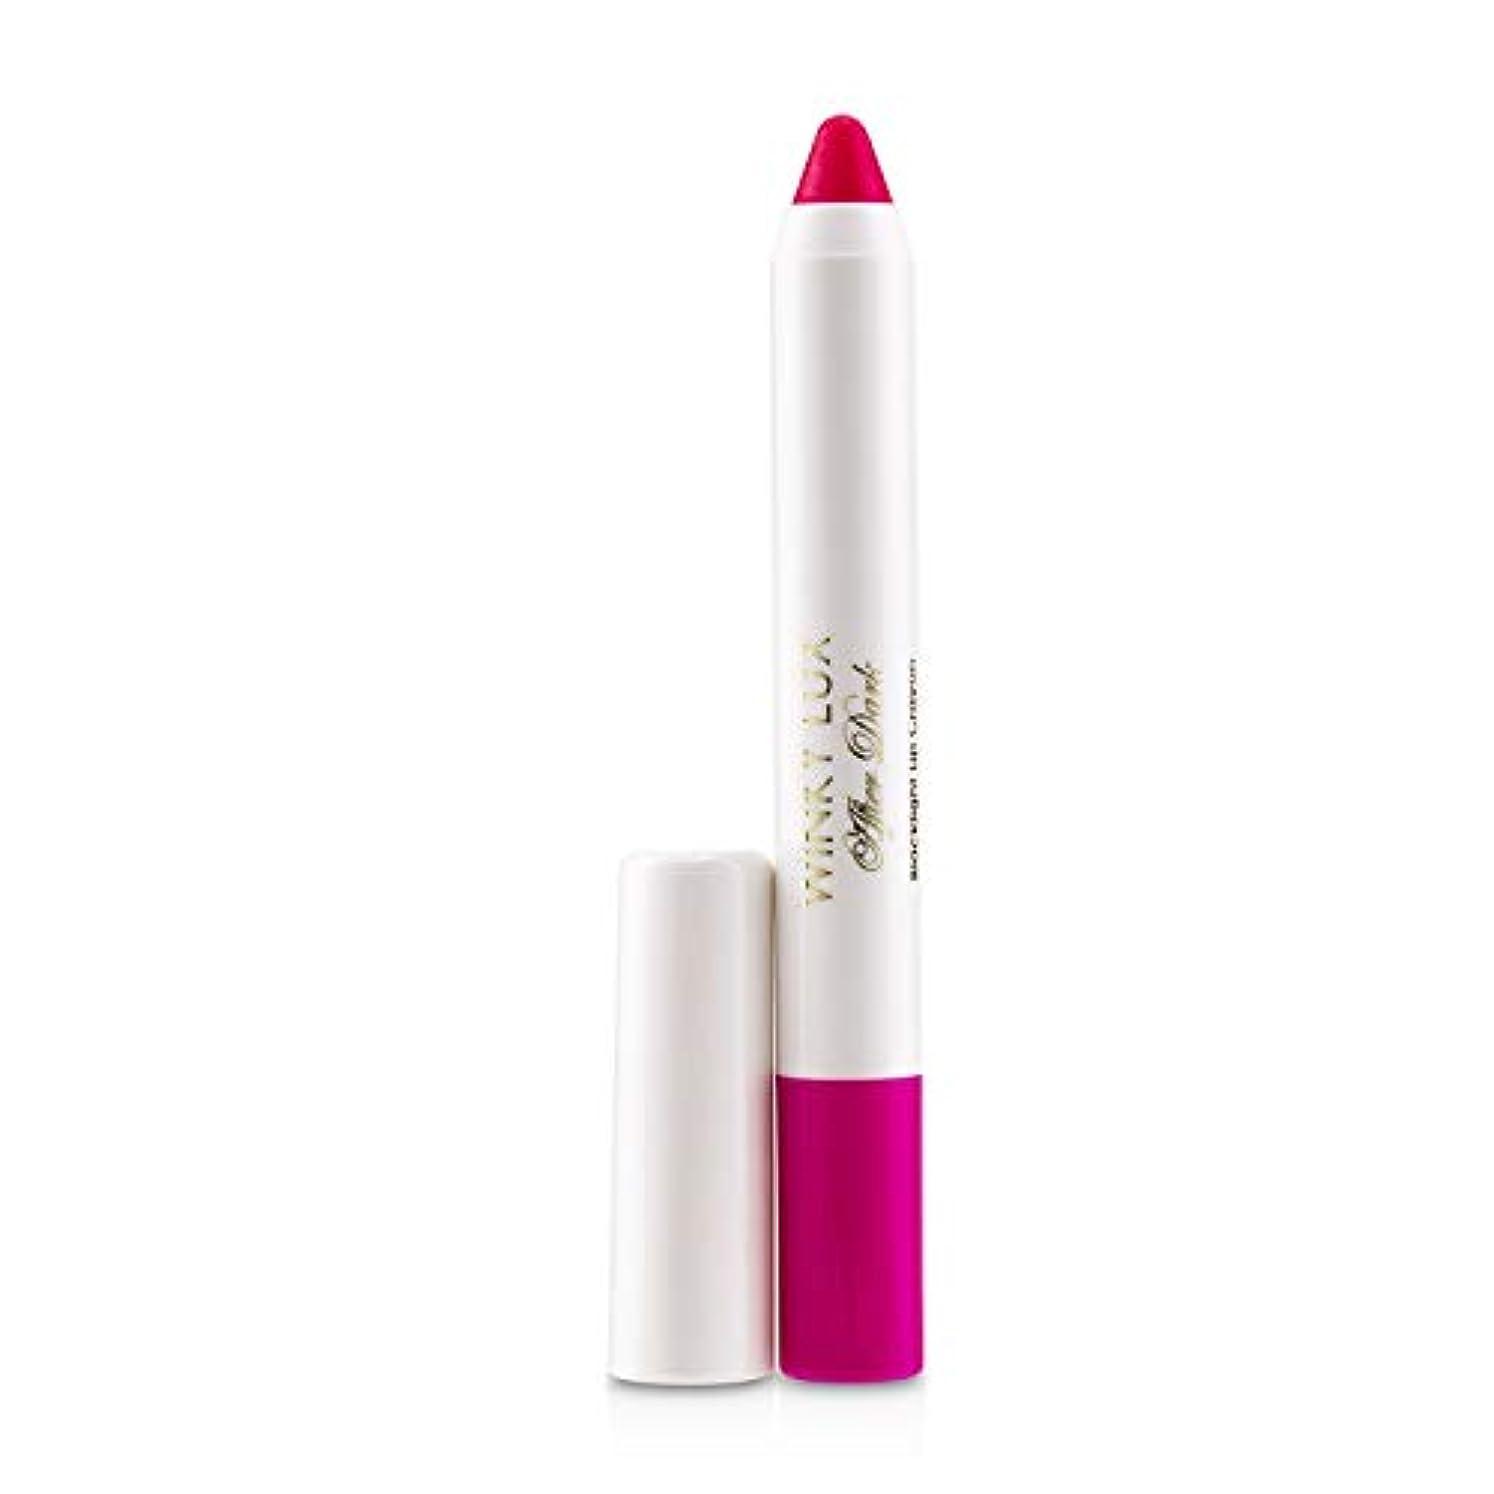 孤独宴会取り壊すWinky Lux After Dark Blacklight Lip Crayon 1.65g/0.06oz並行輸入品